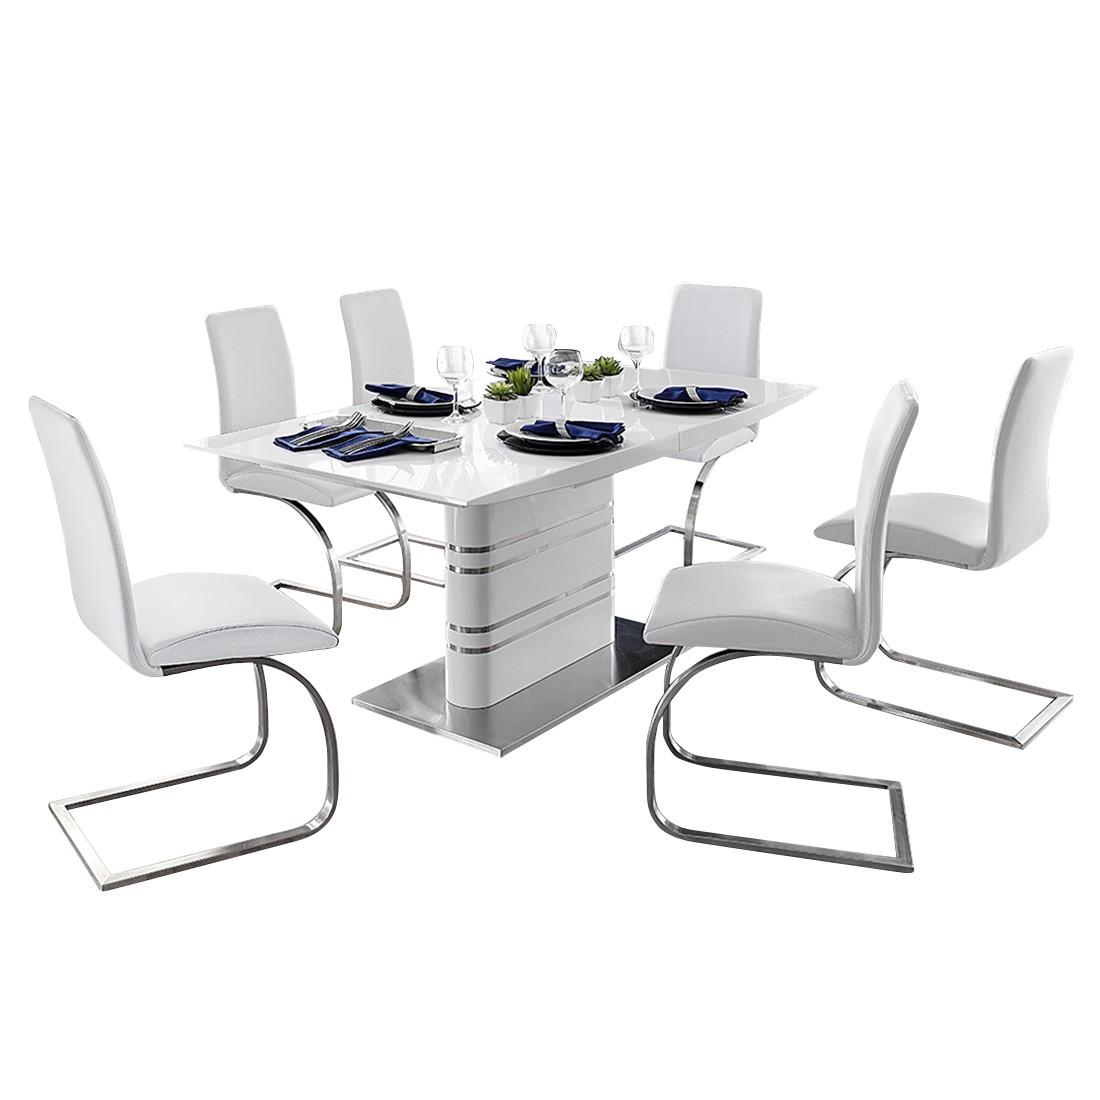 Home 24 - Ensemble de salle à manger modus - avec table à manger et 6 chaises cantilever, fredriks